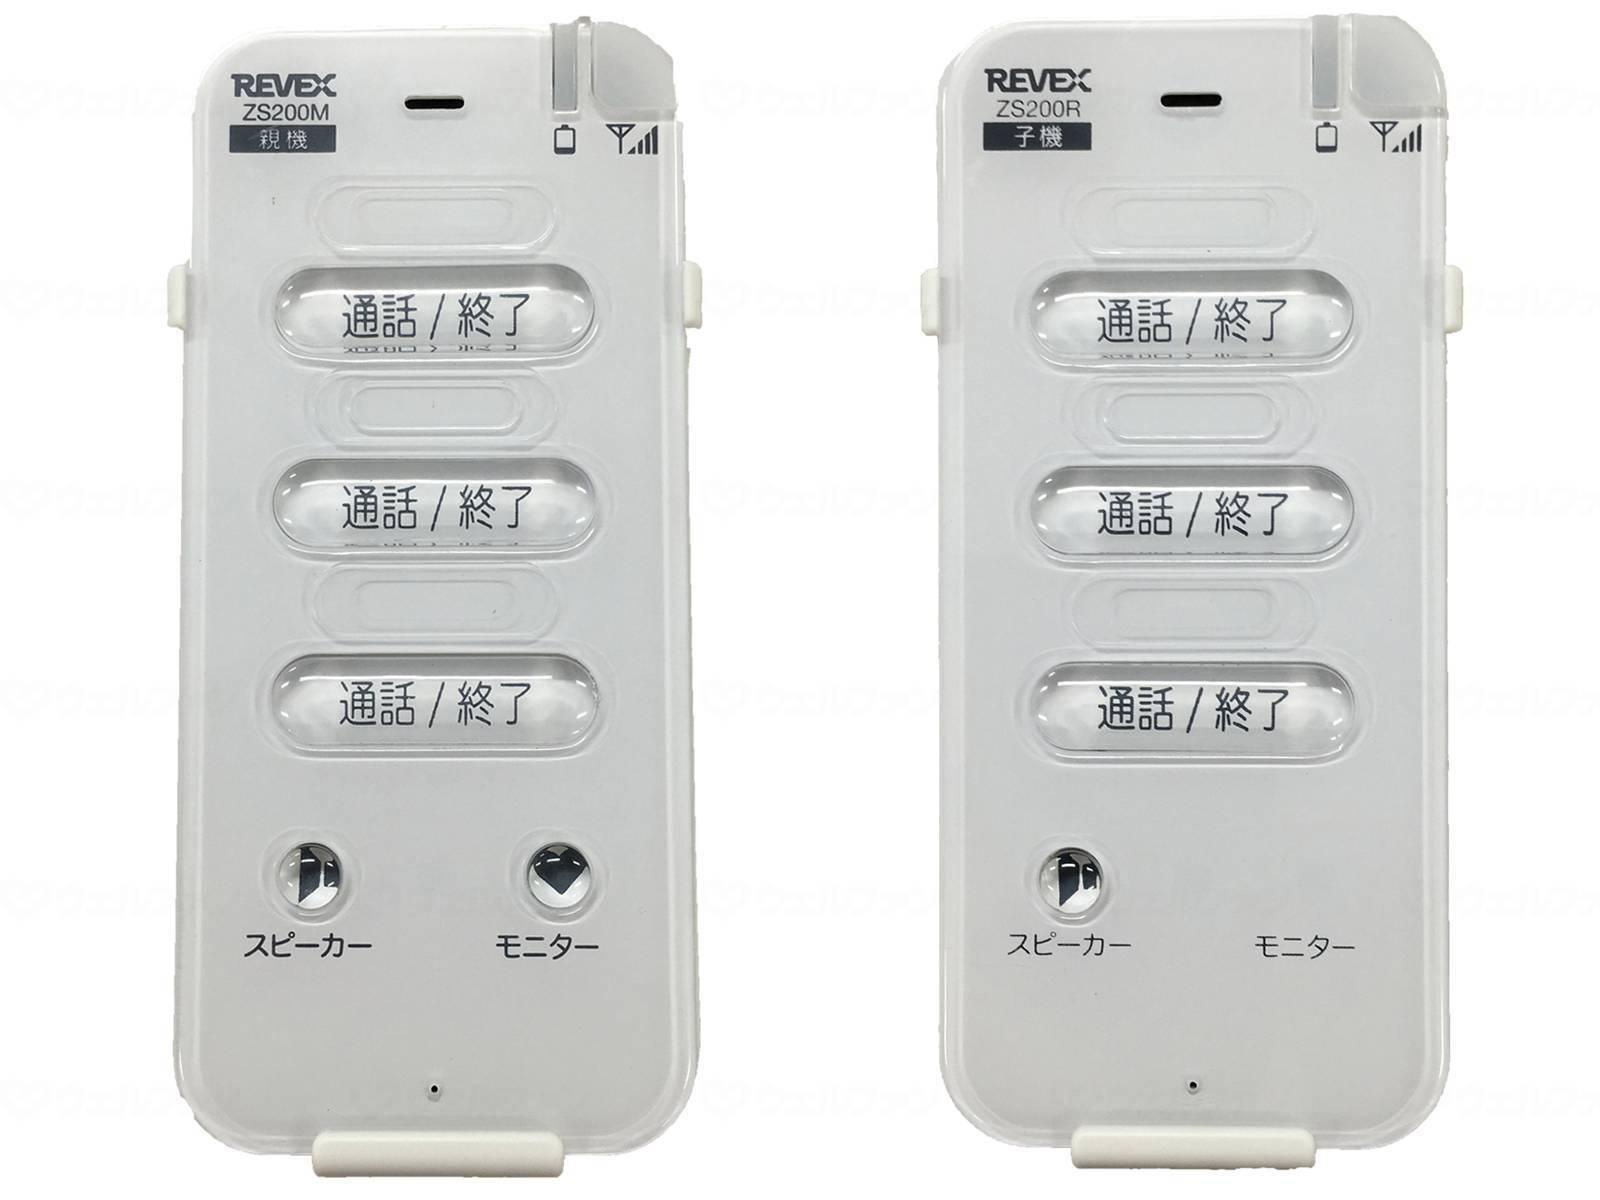 リーベックス ワイヤレストーク 室内セット ZS200MR [介護 ケア サポート 介護用品 通販 生活 支援]